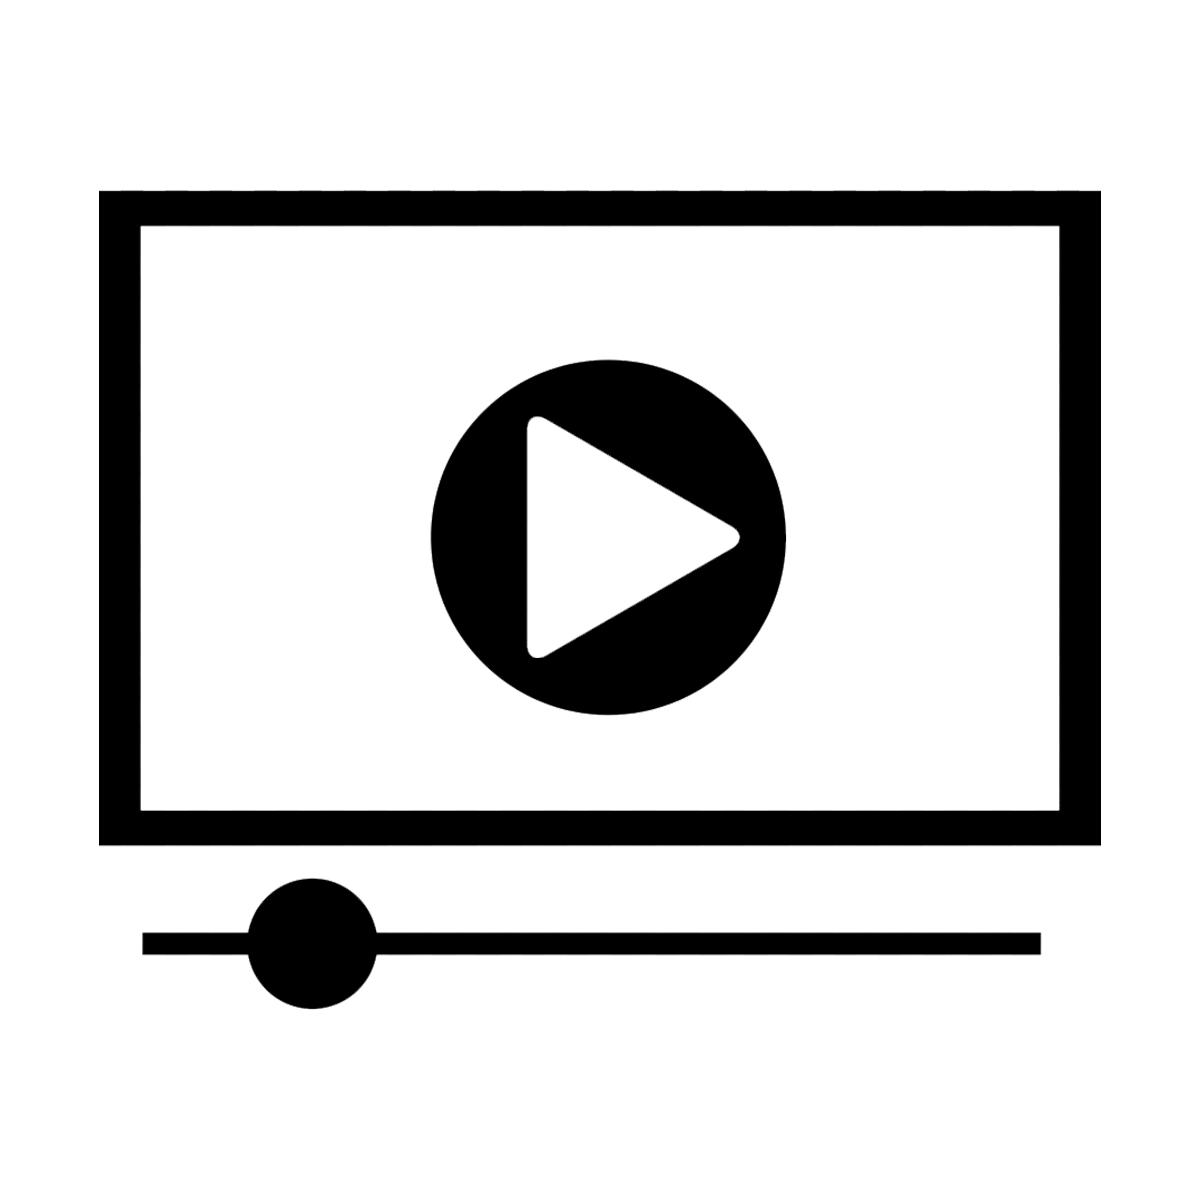 Обучающие педагогические вебинары образовательного центра ПедагогиУм.